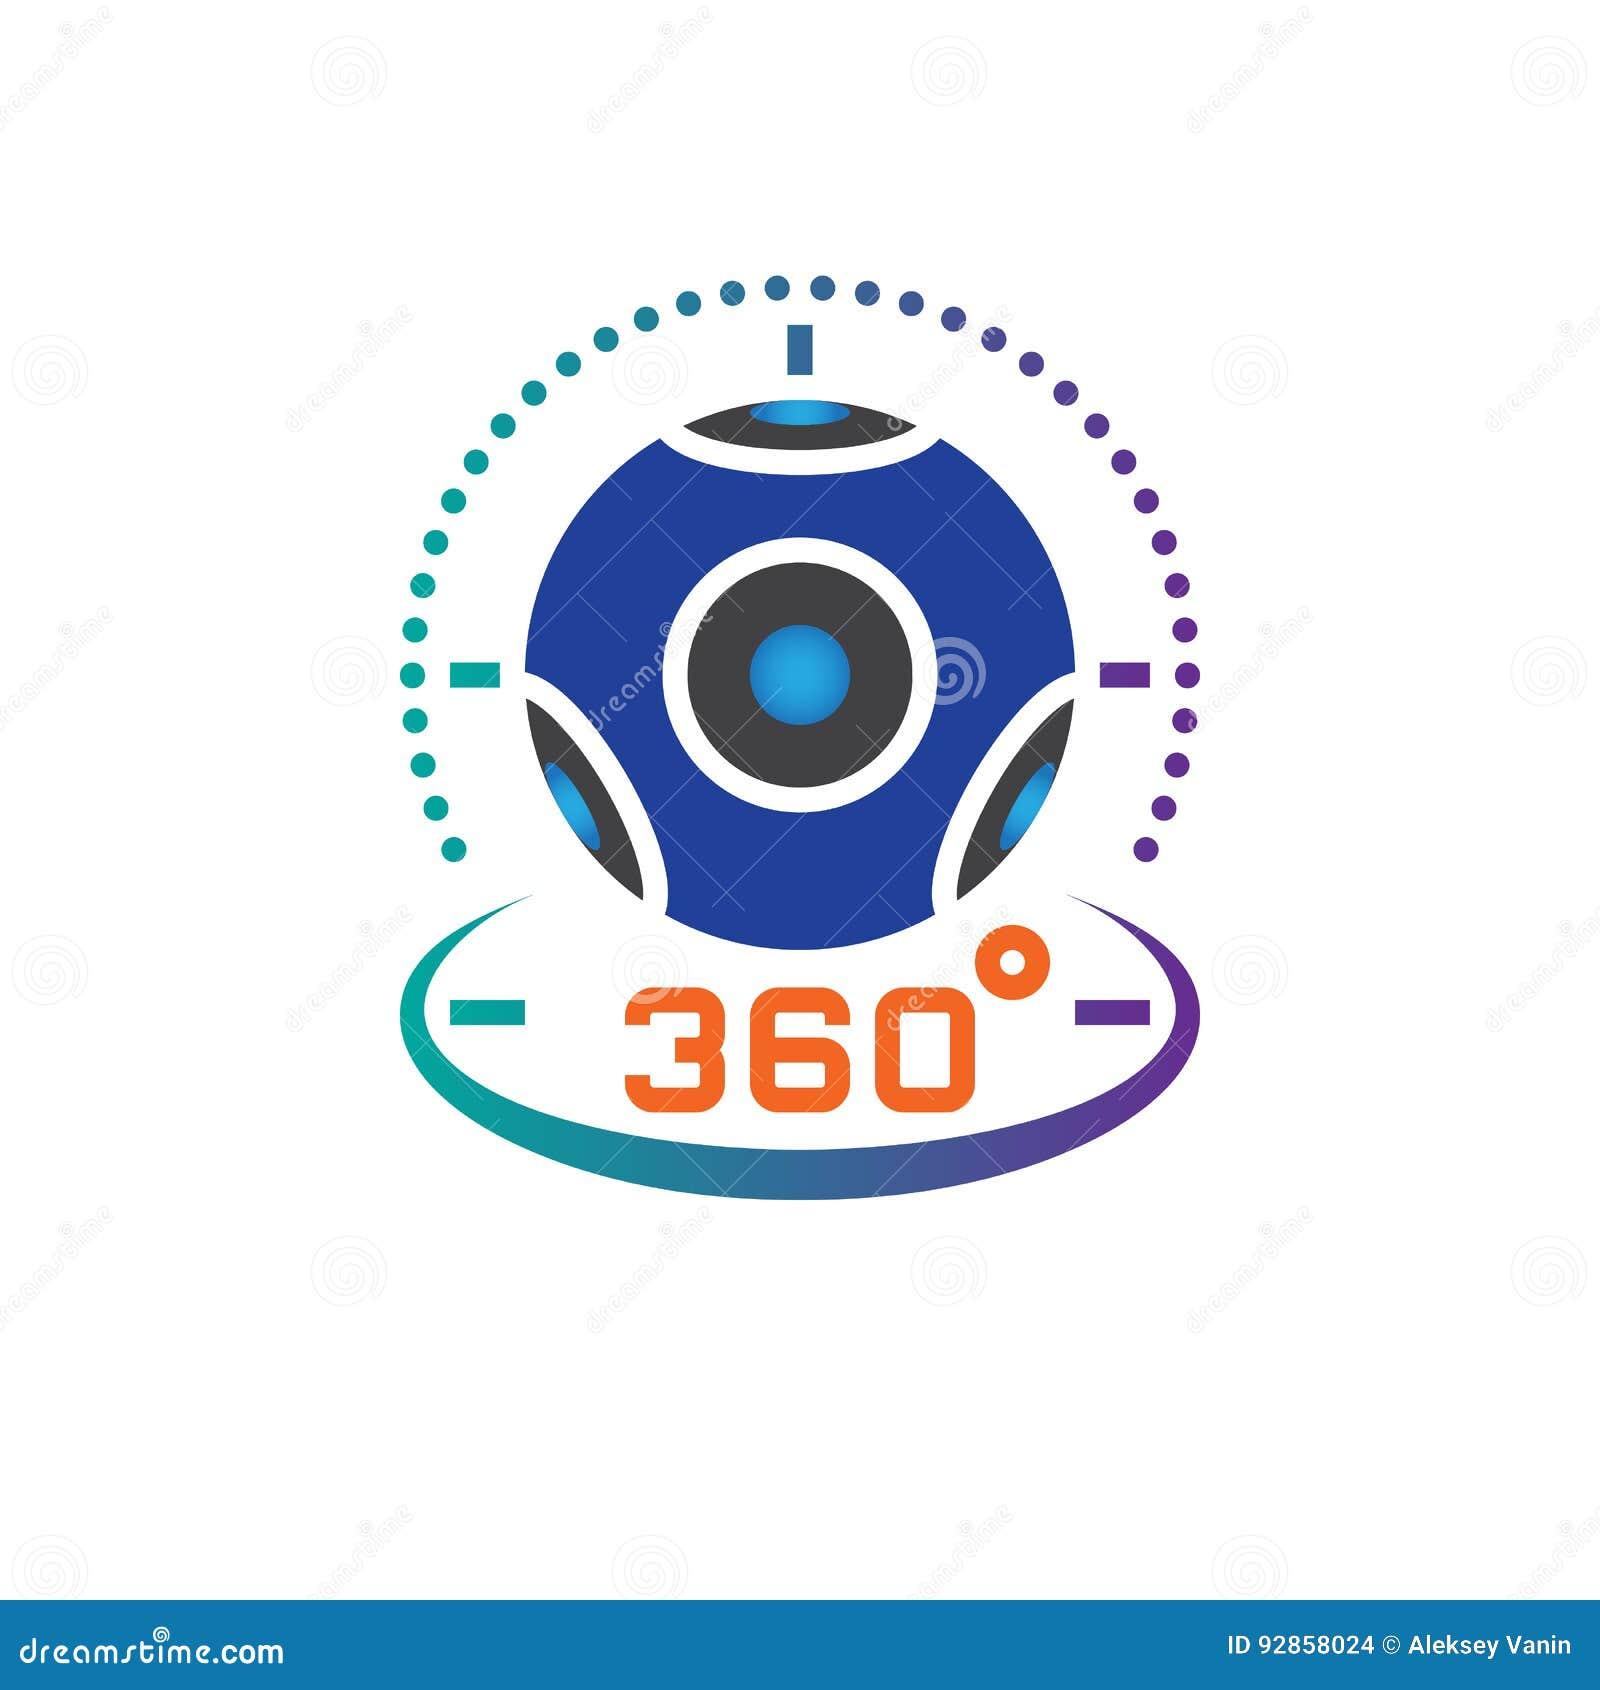 Van de het pictogram vector, virtuele werkelijkheid van de 360 graad de panoramische videocamera illustratie van het het apparate